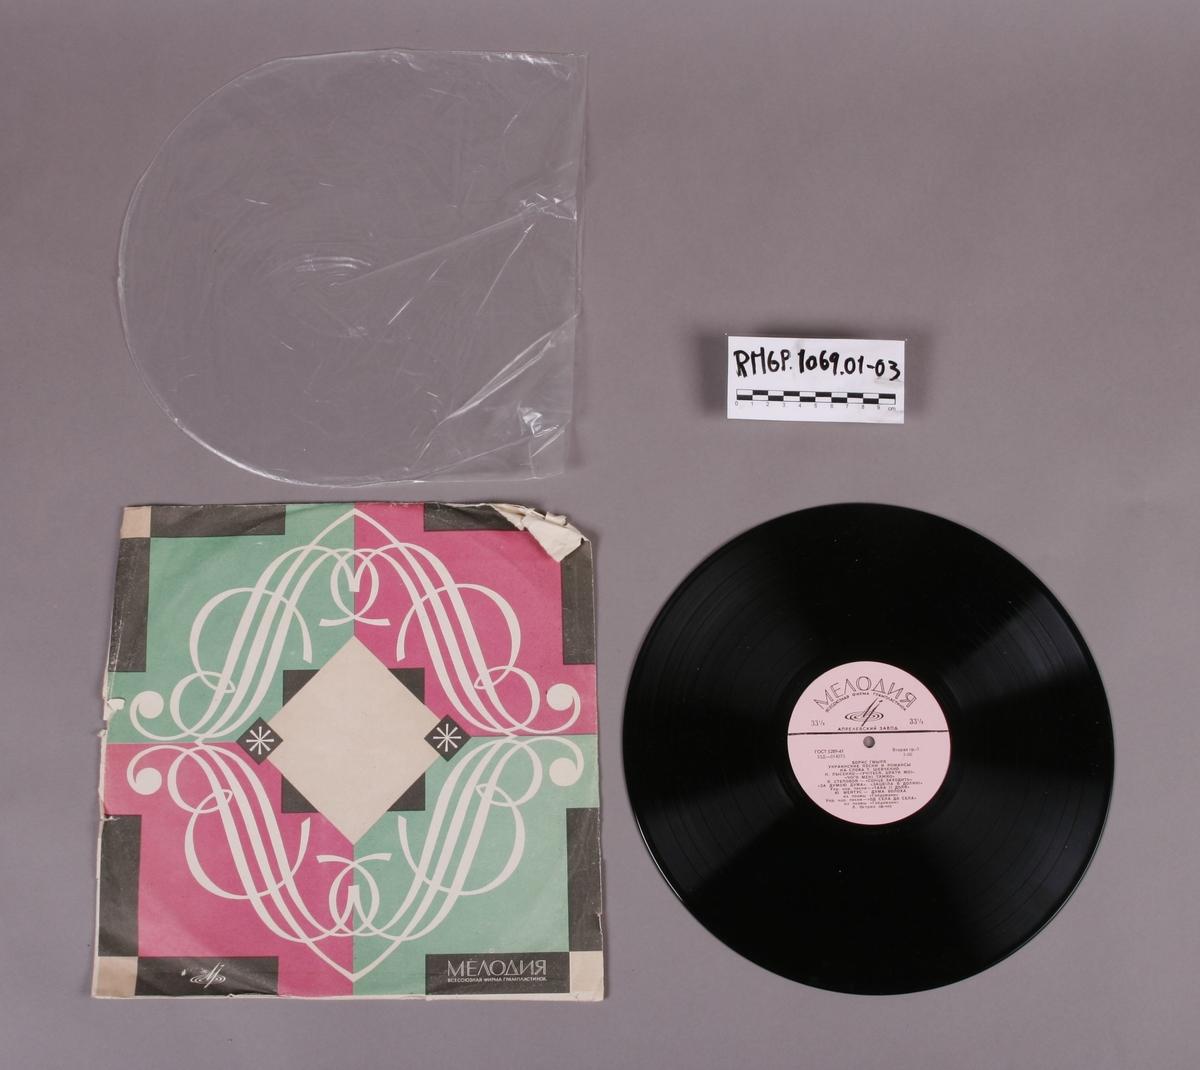 Grammofonplate i svart vinyl og plateomslag i papir. Plata ligger i en plastlomme.